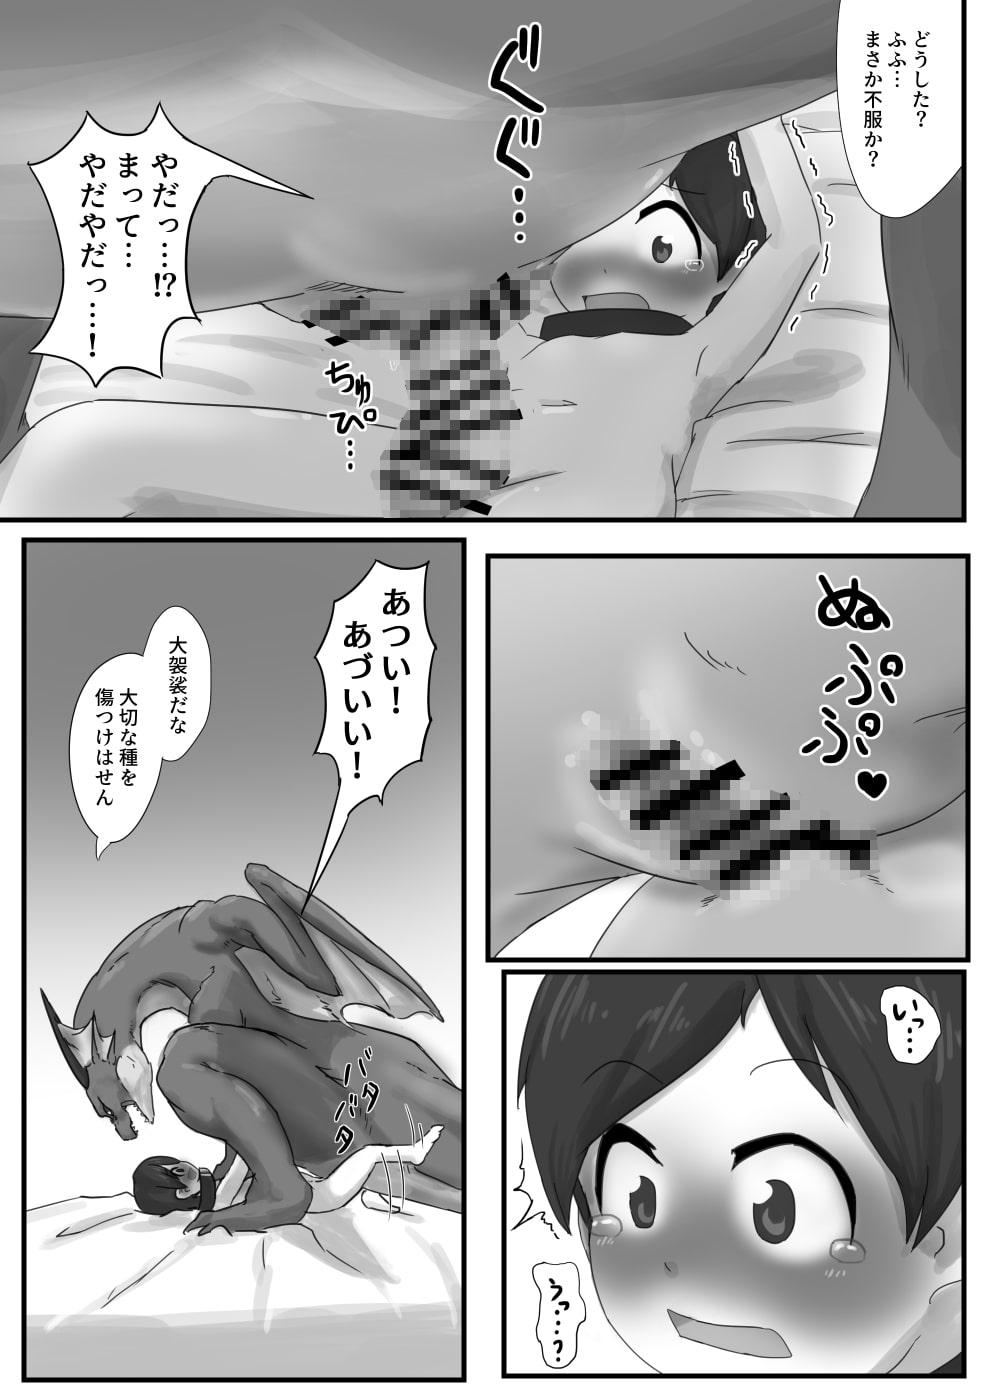 ドラゴンの下の口